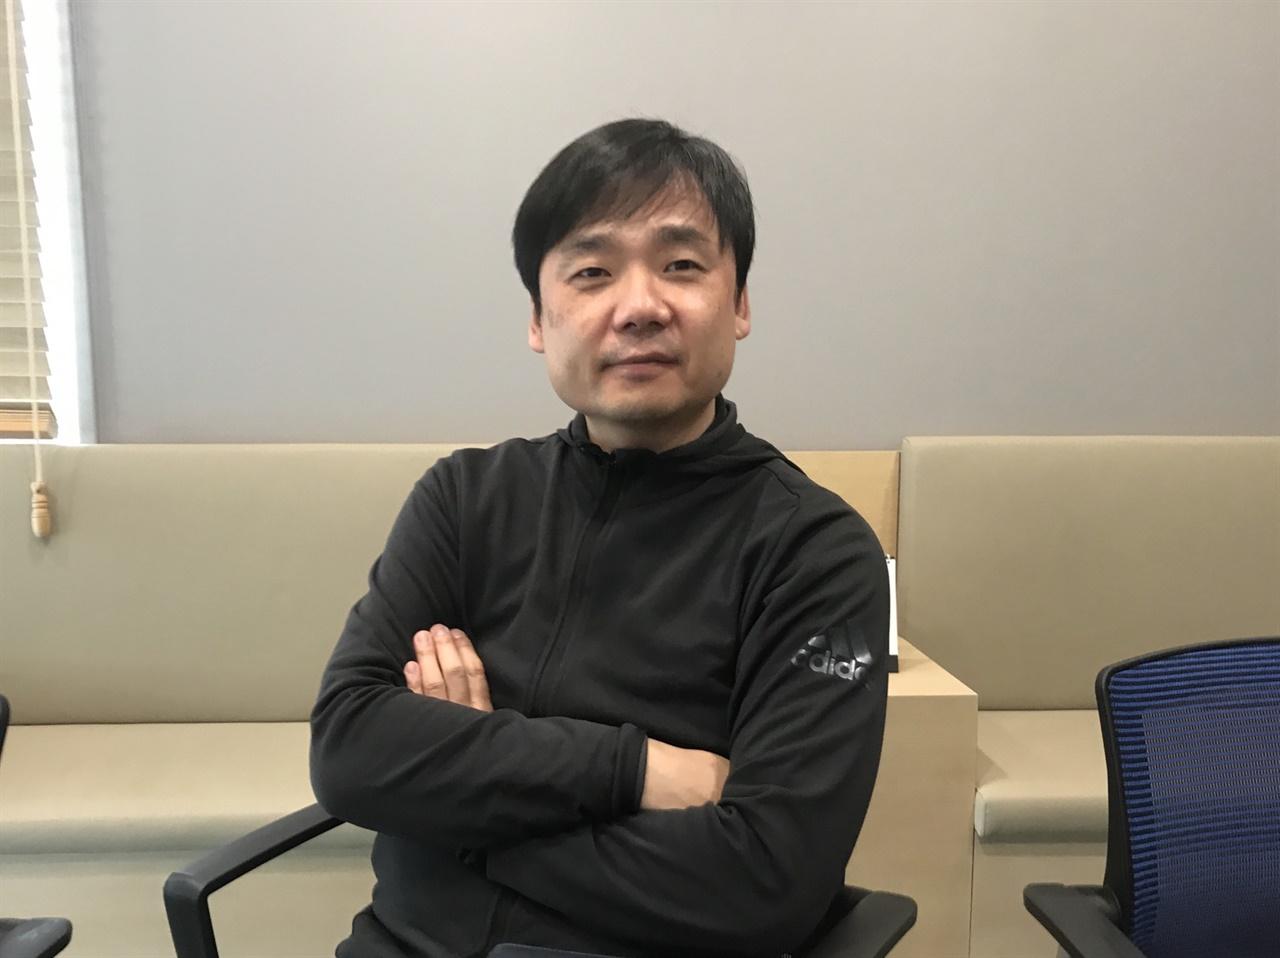 윤창현 언론노조 SBS 본부장